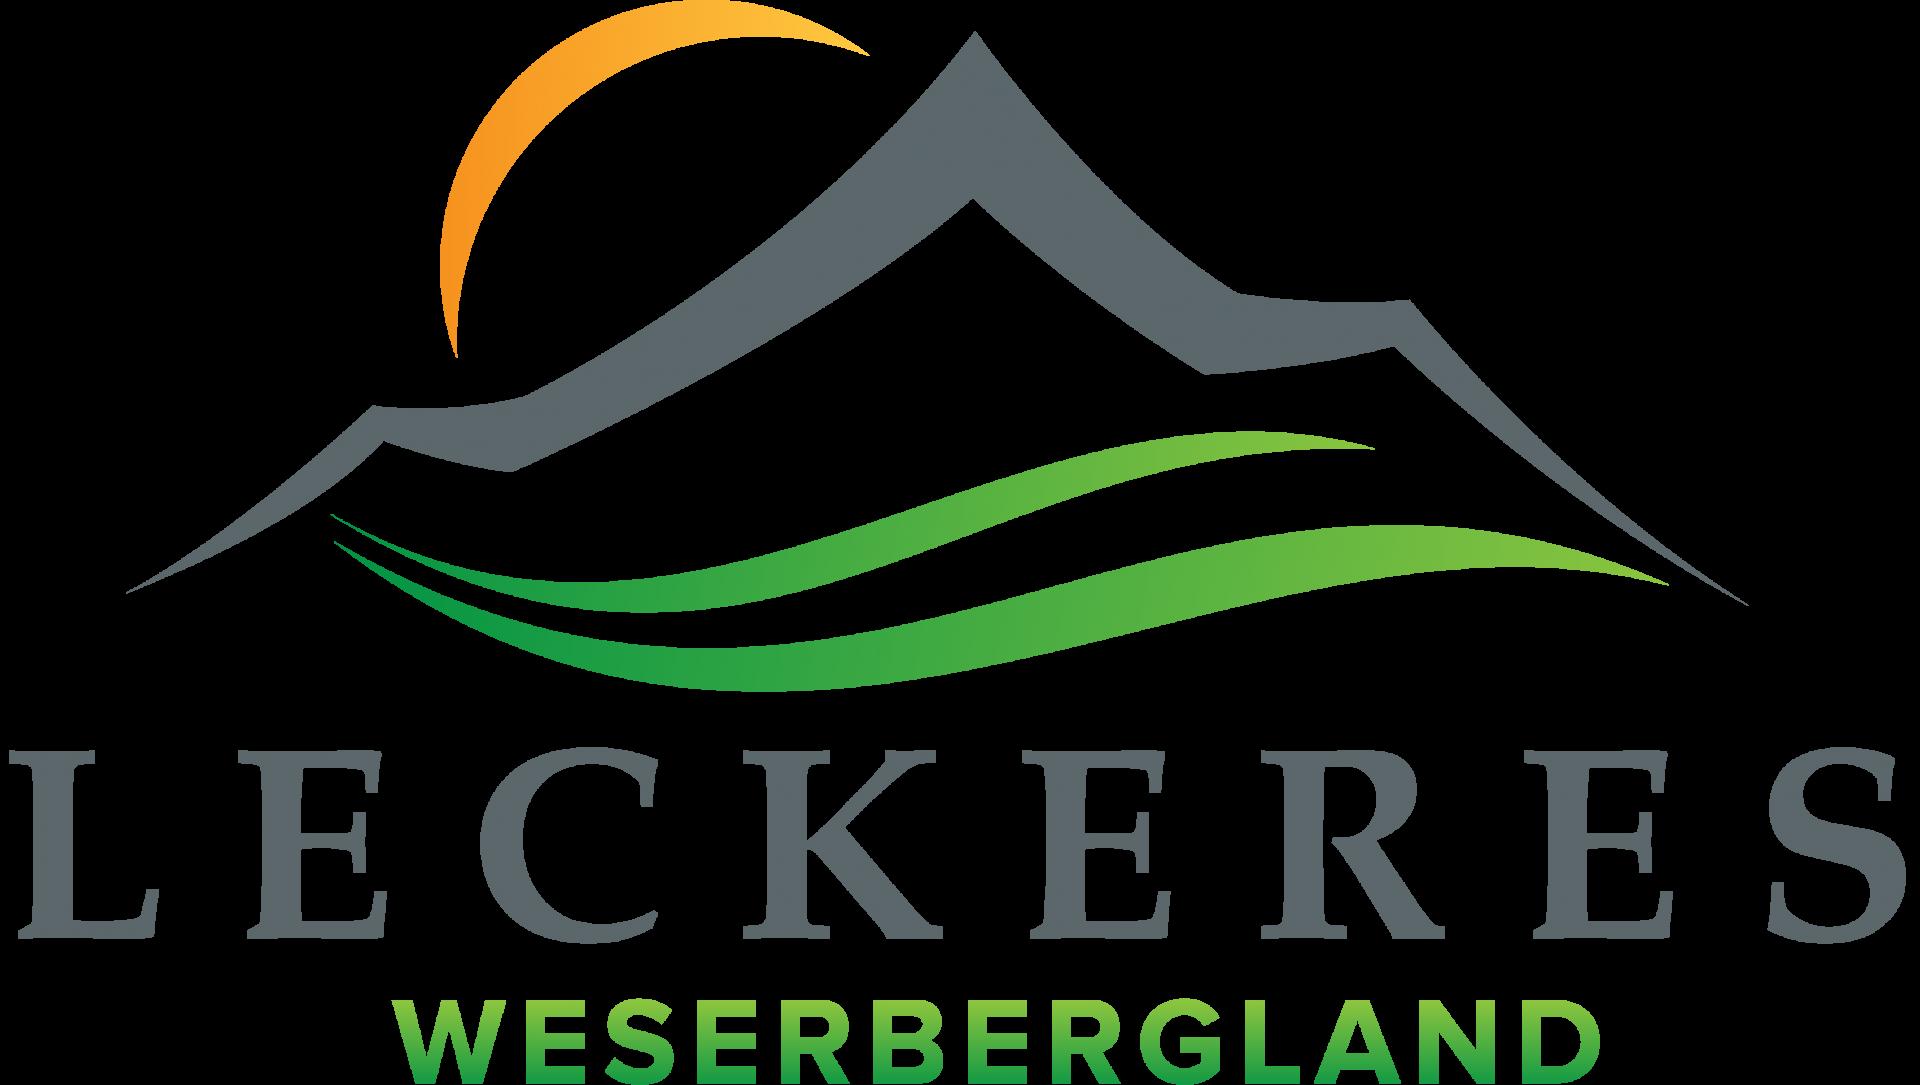 Leckeres Weserbergland - Regionales, Wein und Delikates